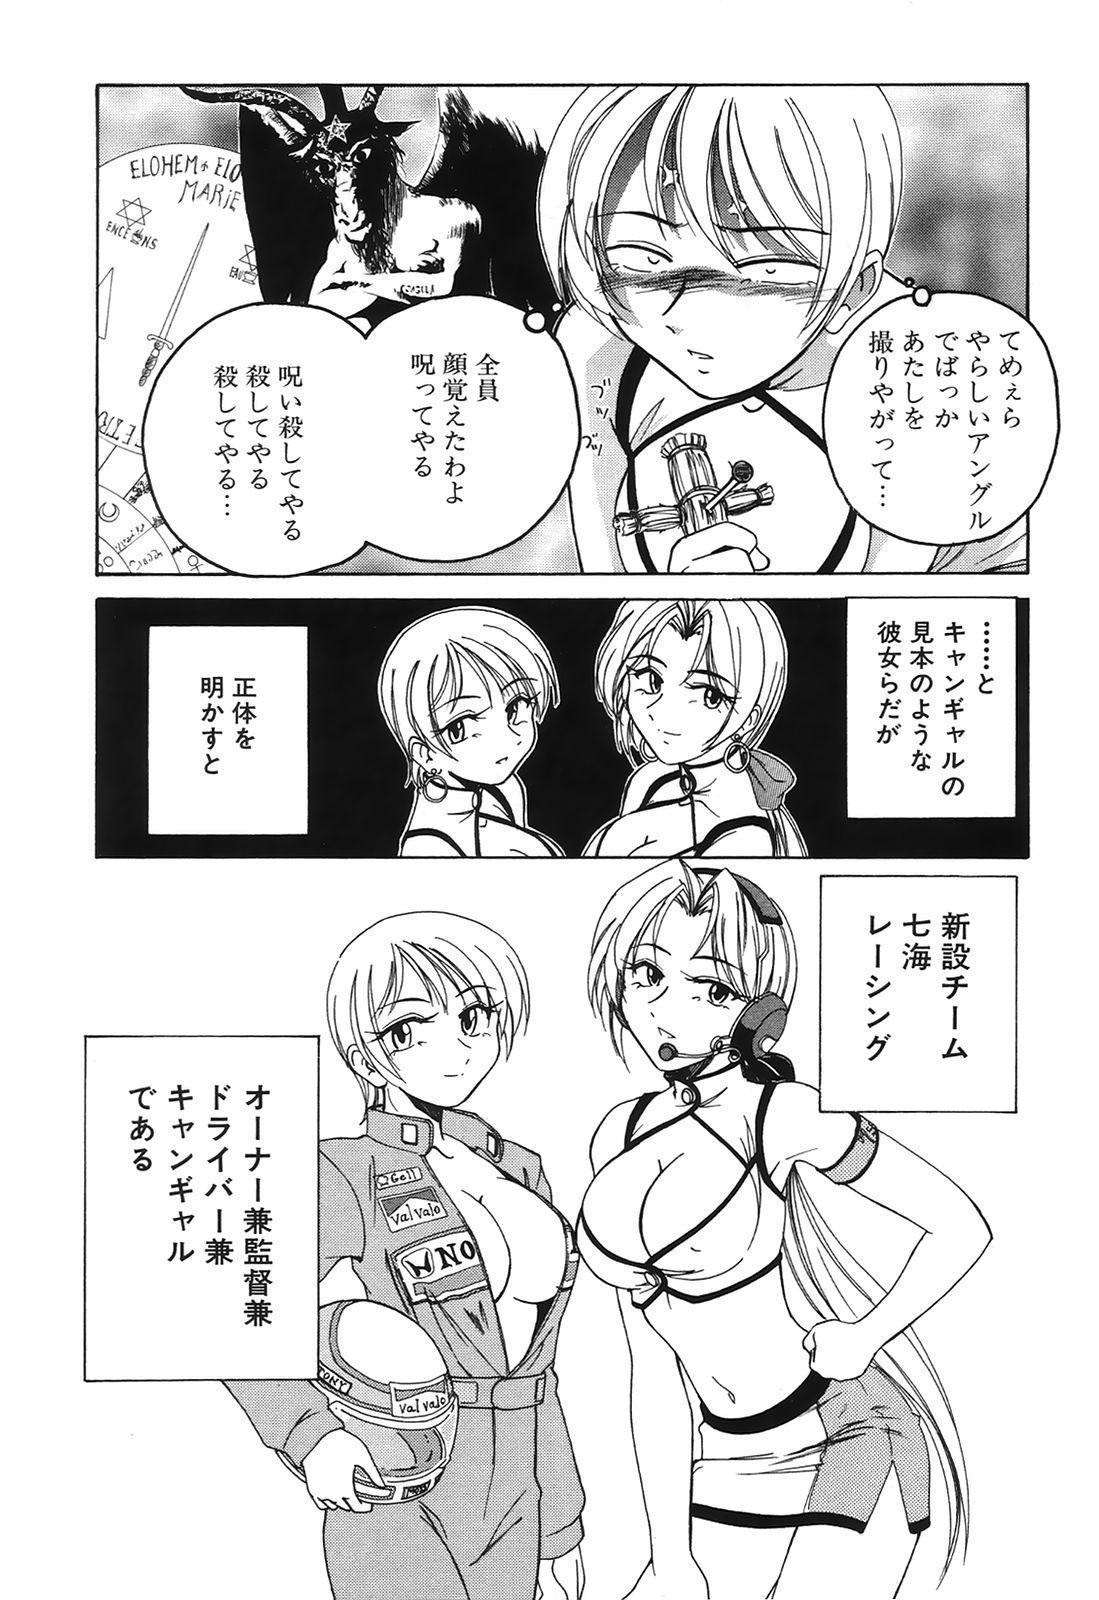 Omake No Musume 109